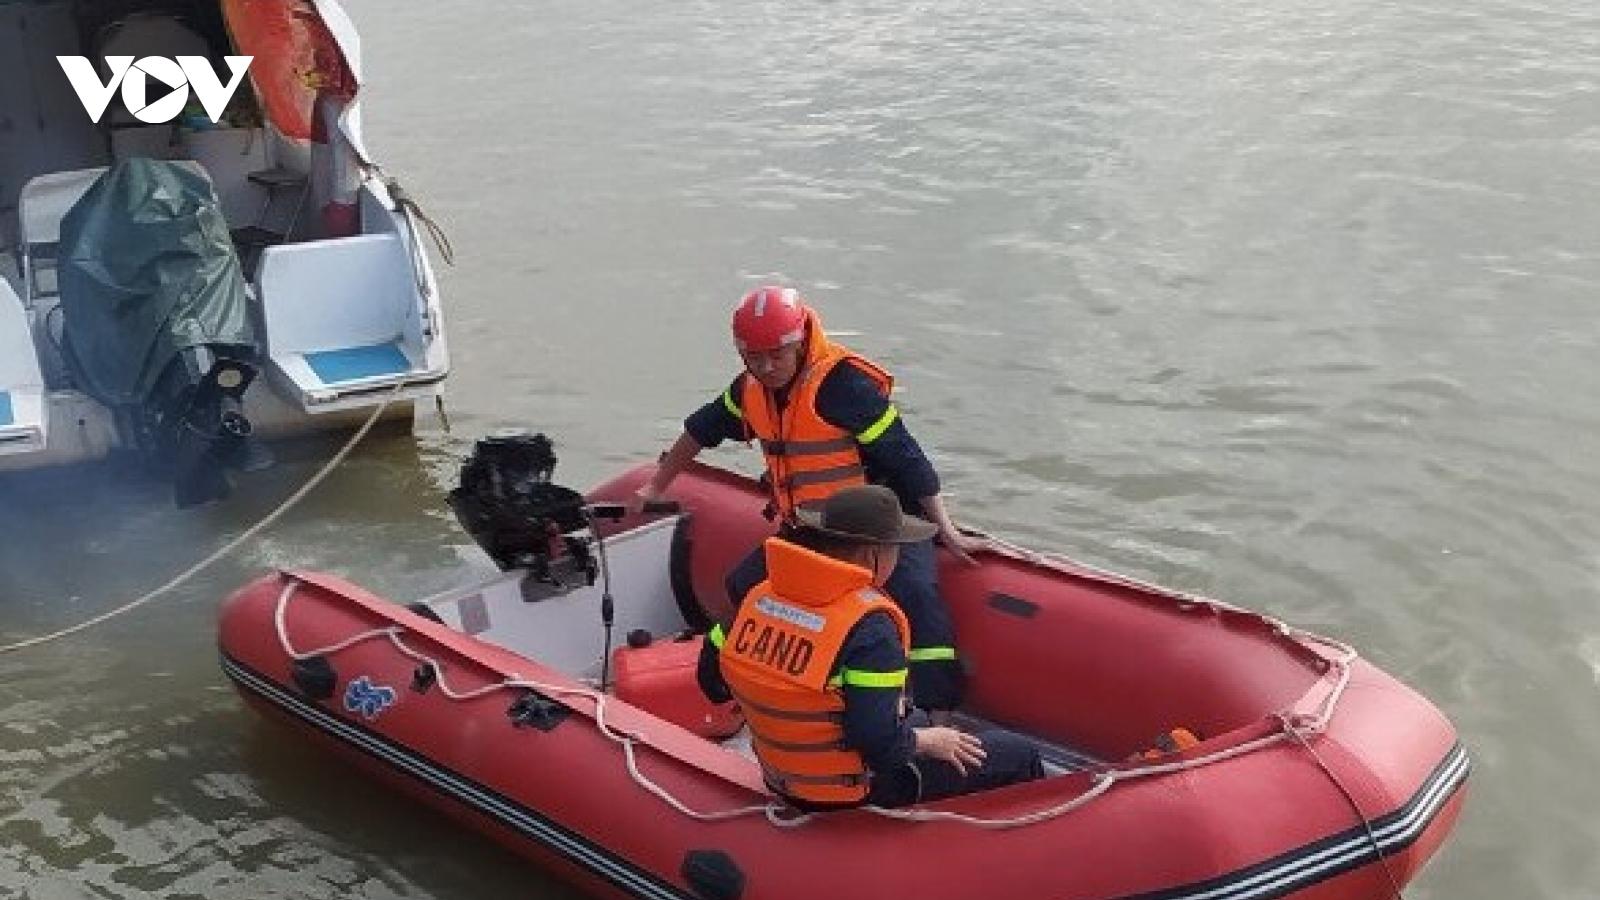 Tìm thấy thi thể người phụ nữ nhảy cầu Bến Thủy 1 trong đêm